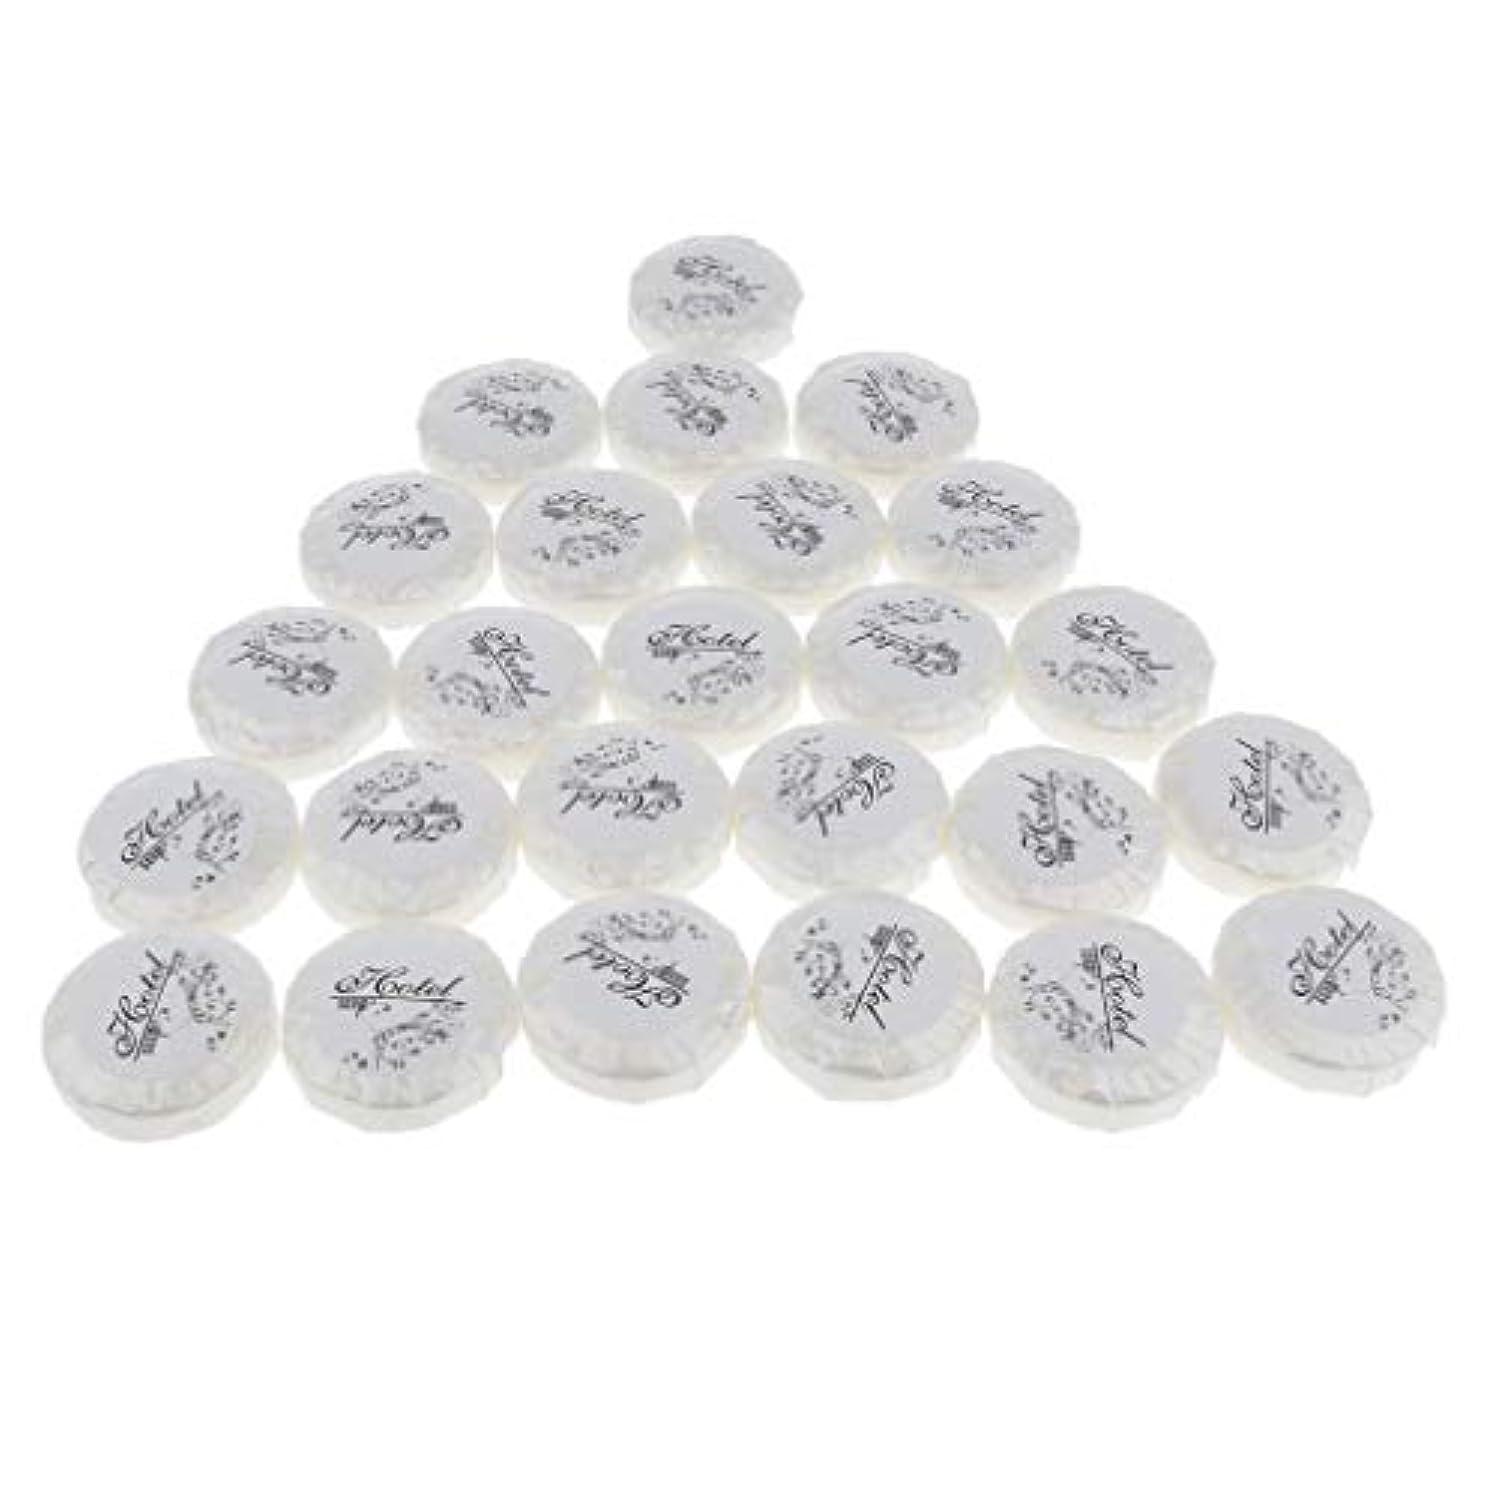 礼拝修士号ボタンP Prettyia 約150個セット 石鹸 洗顔石鹸 固形せっけん 無添加 植物油 ミニサイズ 携帯用 全3種類選ぶ - 13g